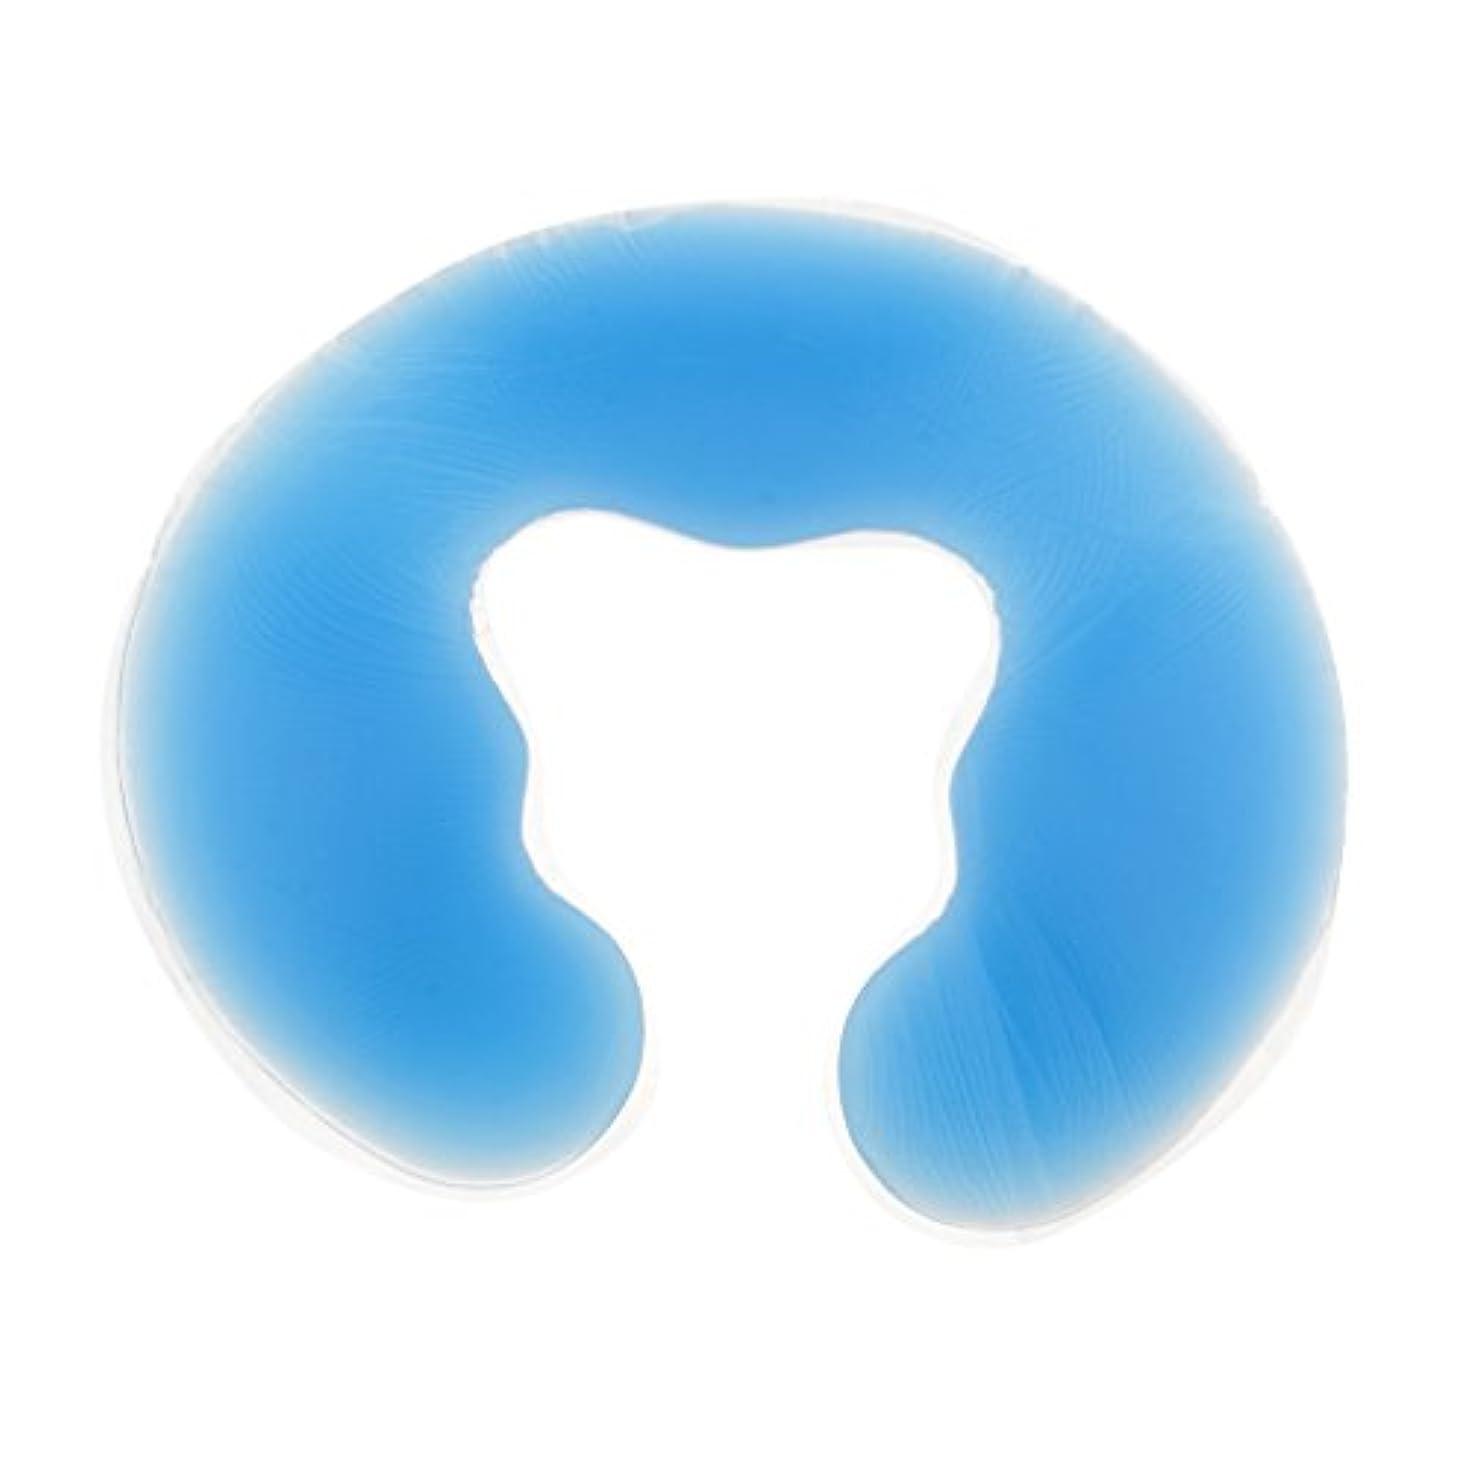 P Prettyia フェイスピロー ピロー 枕 シリコン マッサージ枕 ヘッドクレードルクッション 2色選べる - 青